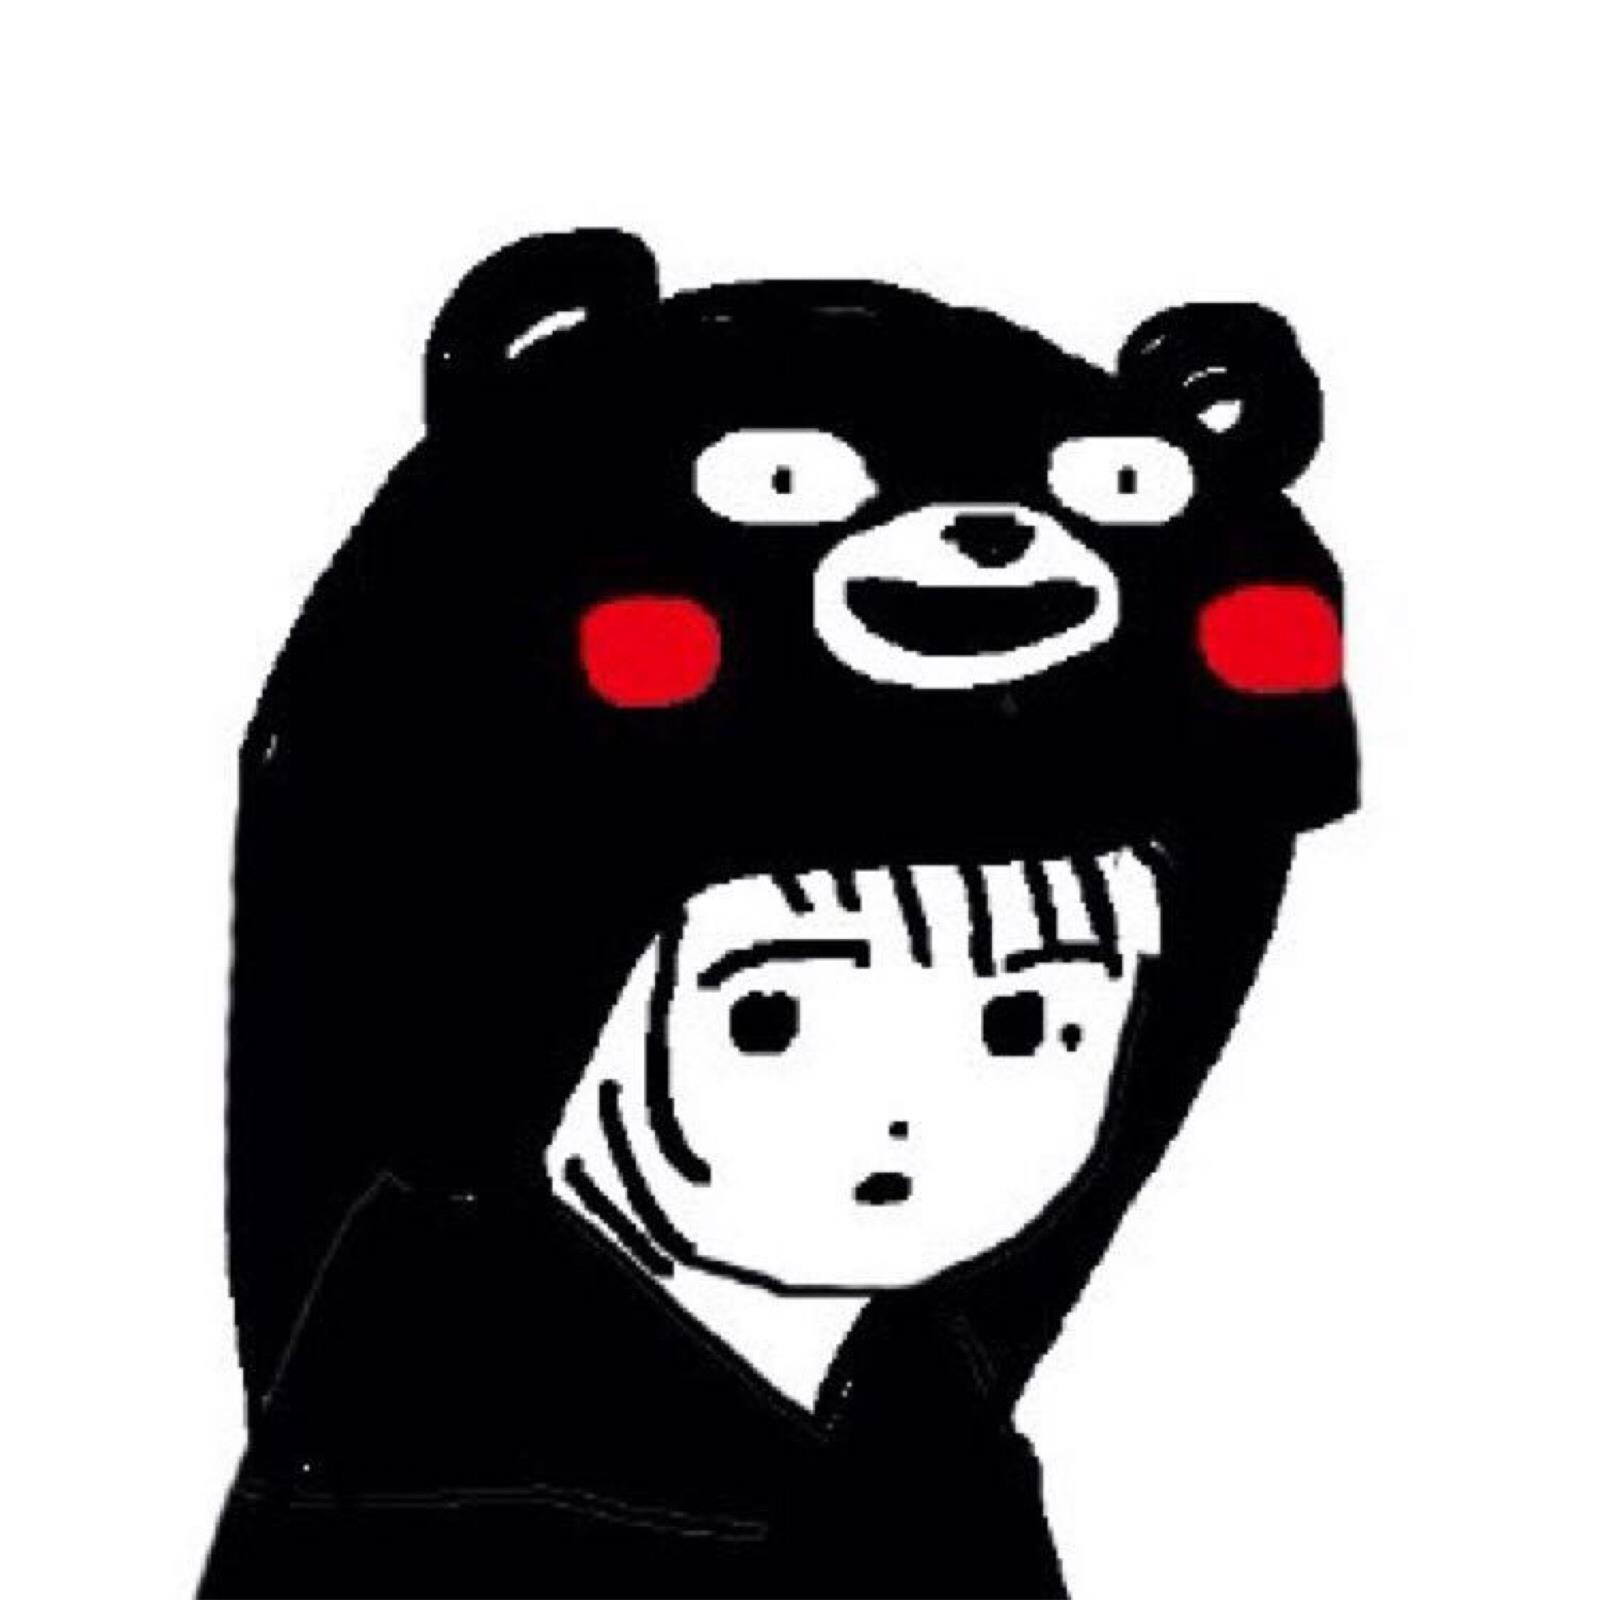 熊本熊服装高清情侣头像 第13张